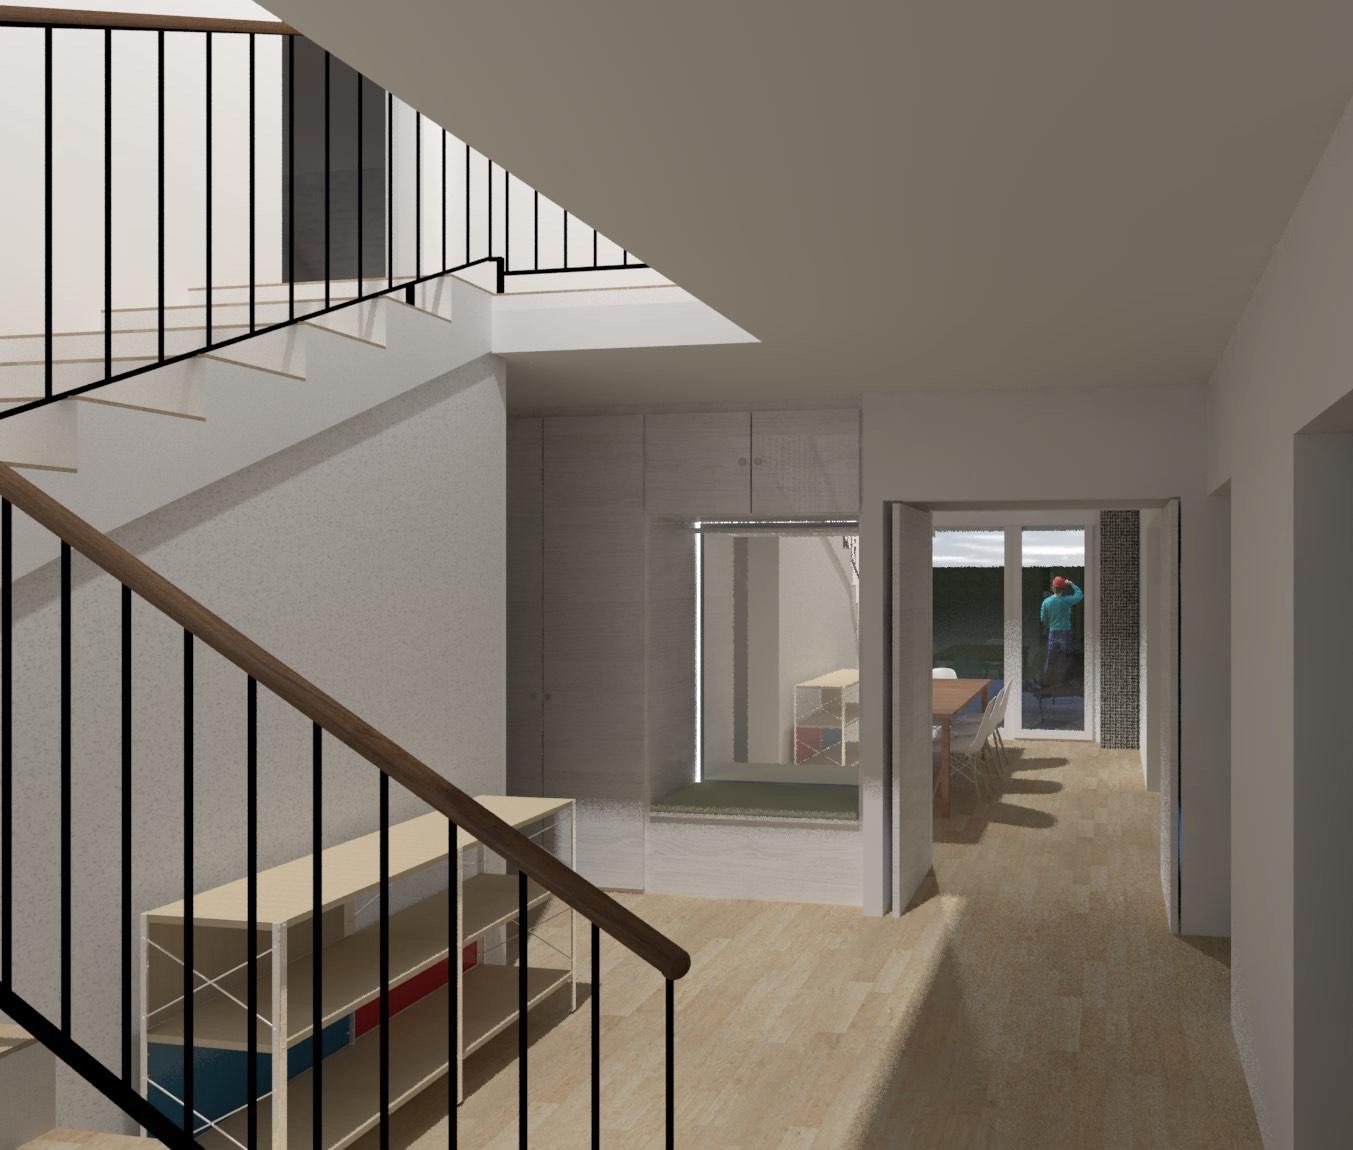 Fenetres Renovation Ou Remplacement 2017 – 2018 : rénovation d'une maison au mont-sur-lausanne